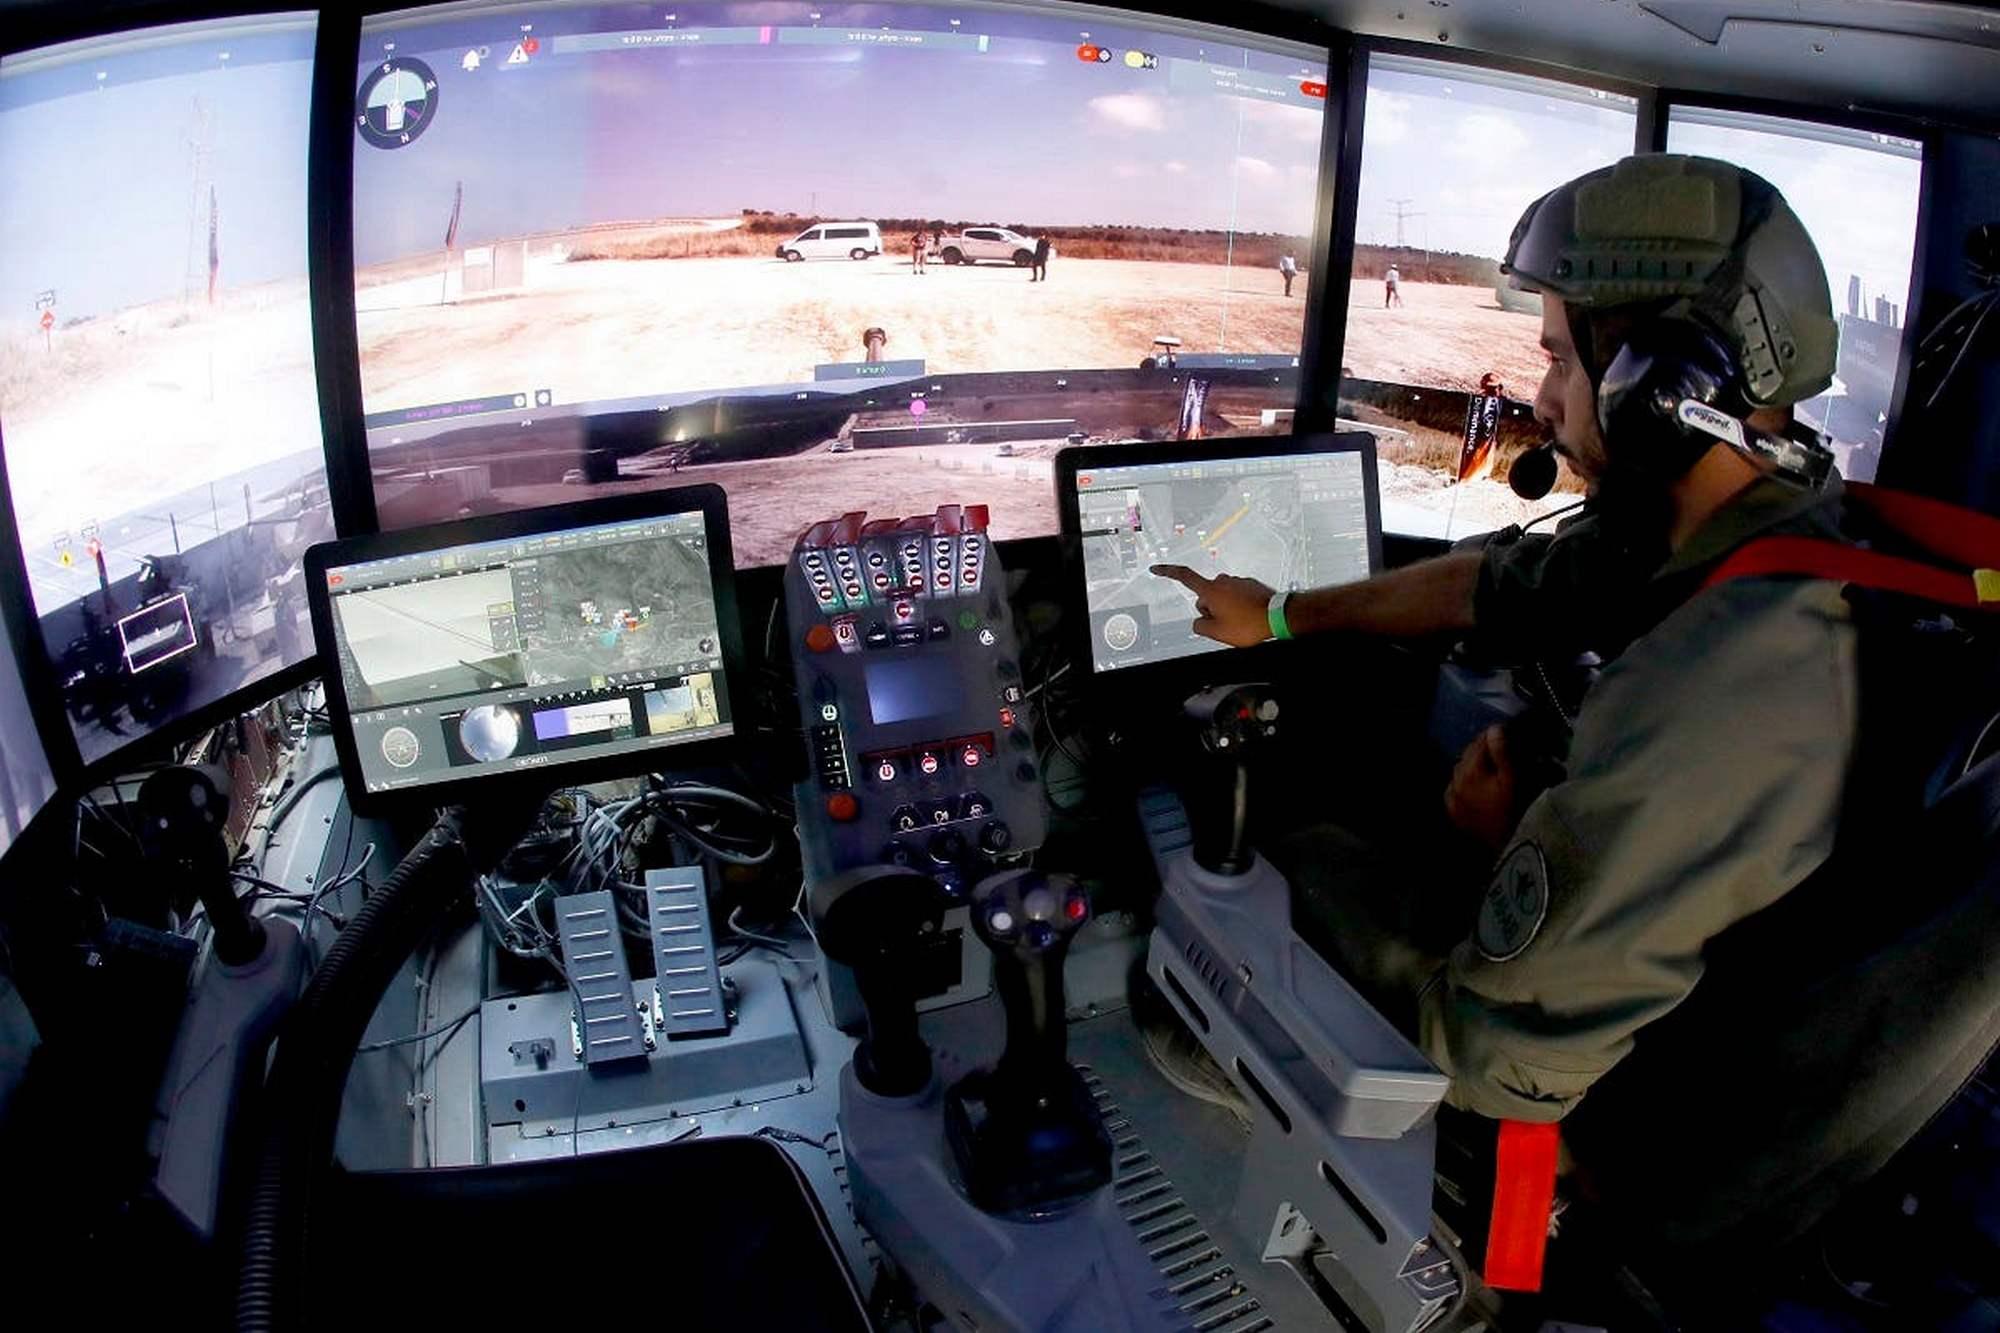 Como en un videojuego: así se maneja el prototipo de tanque de Israel equipado con tabletas y un mando de Xbox